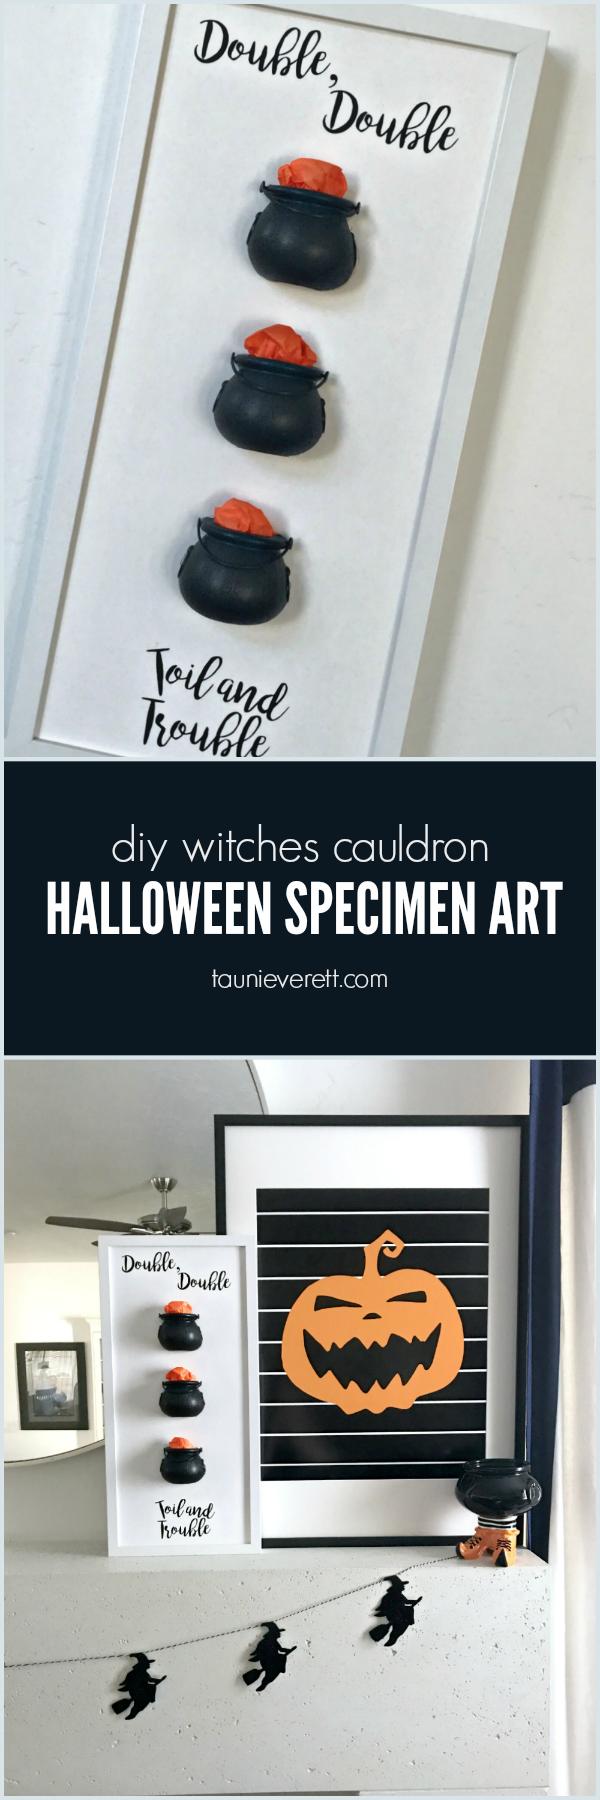 Witches Cauldron Halloween Specimen Art by Tauni Everett